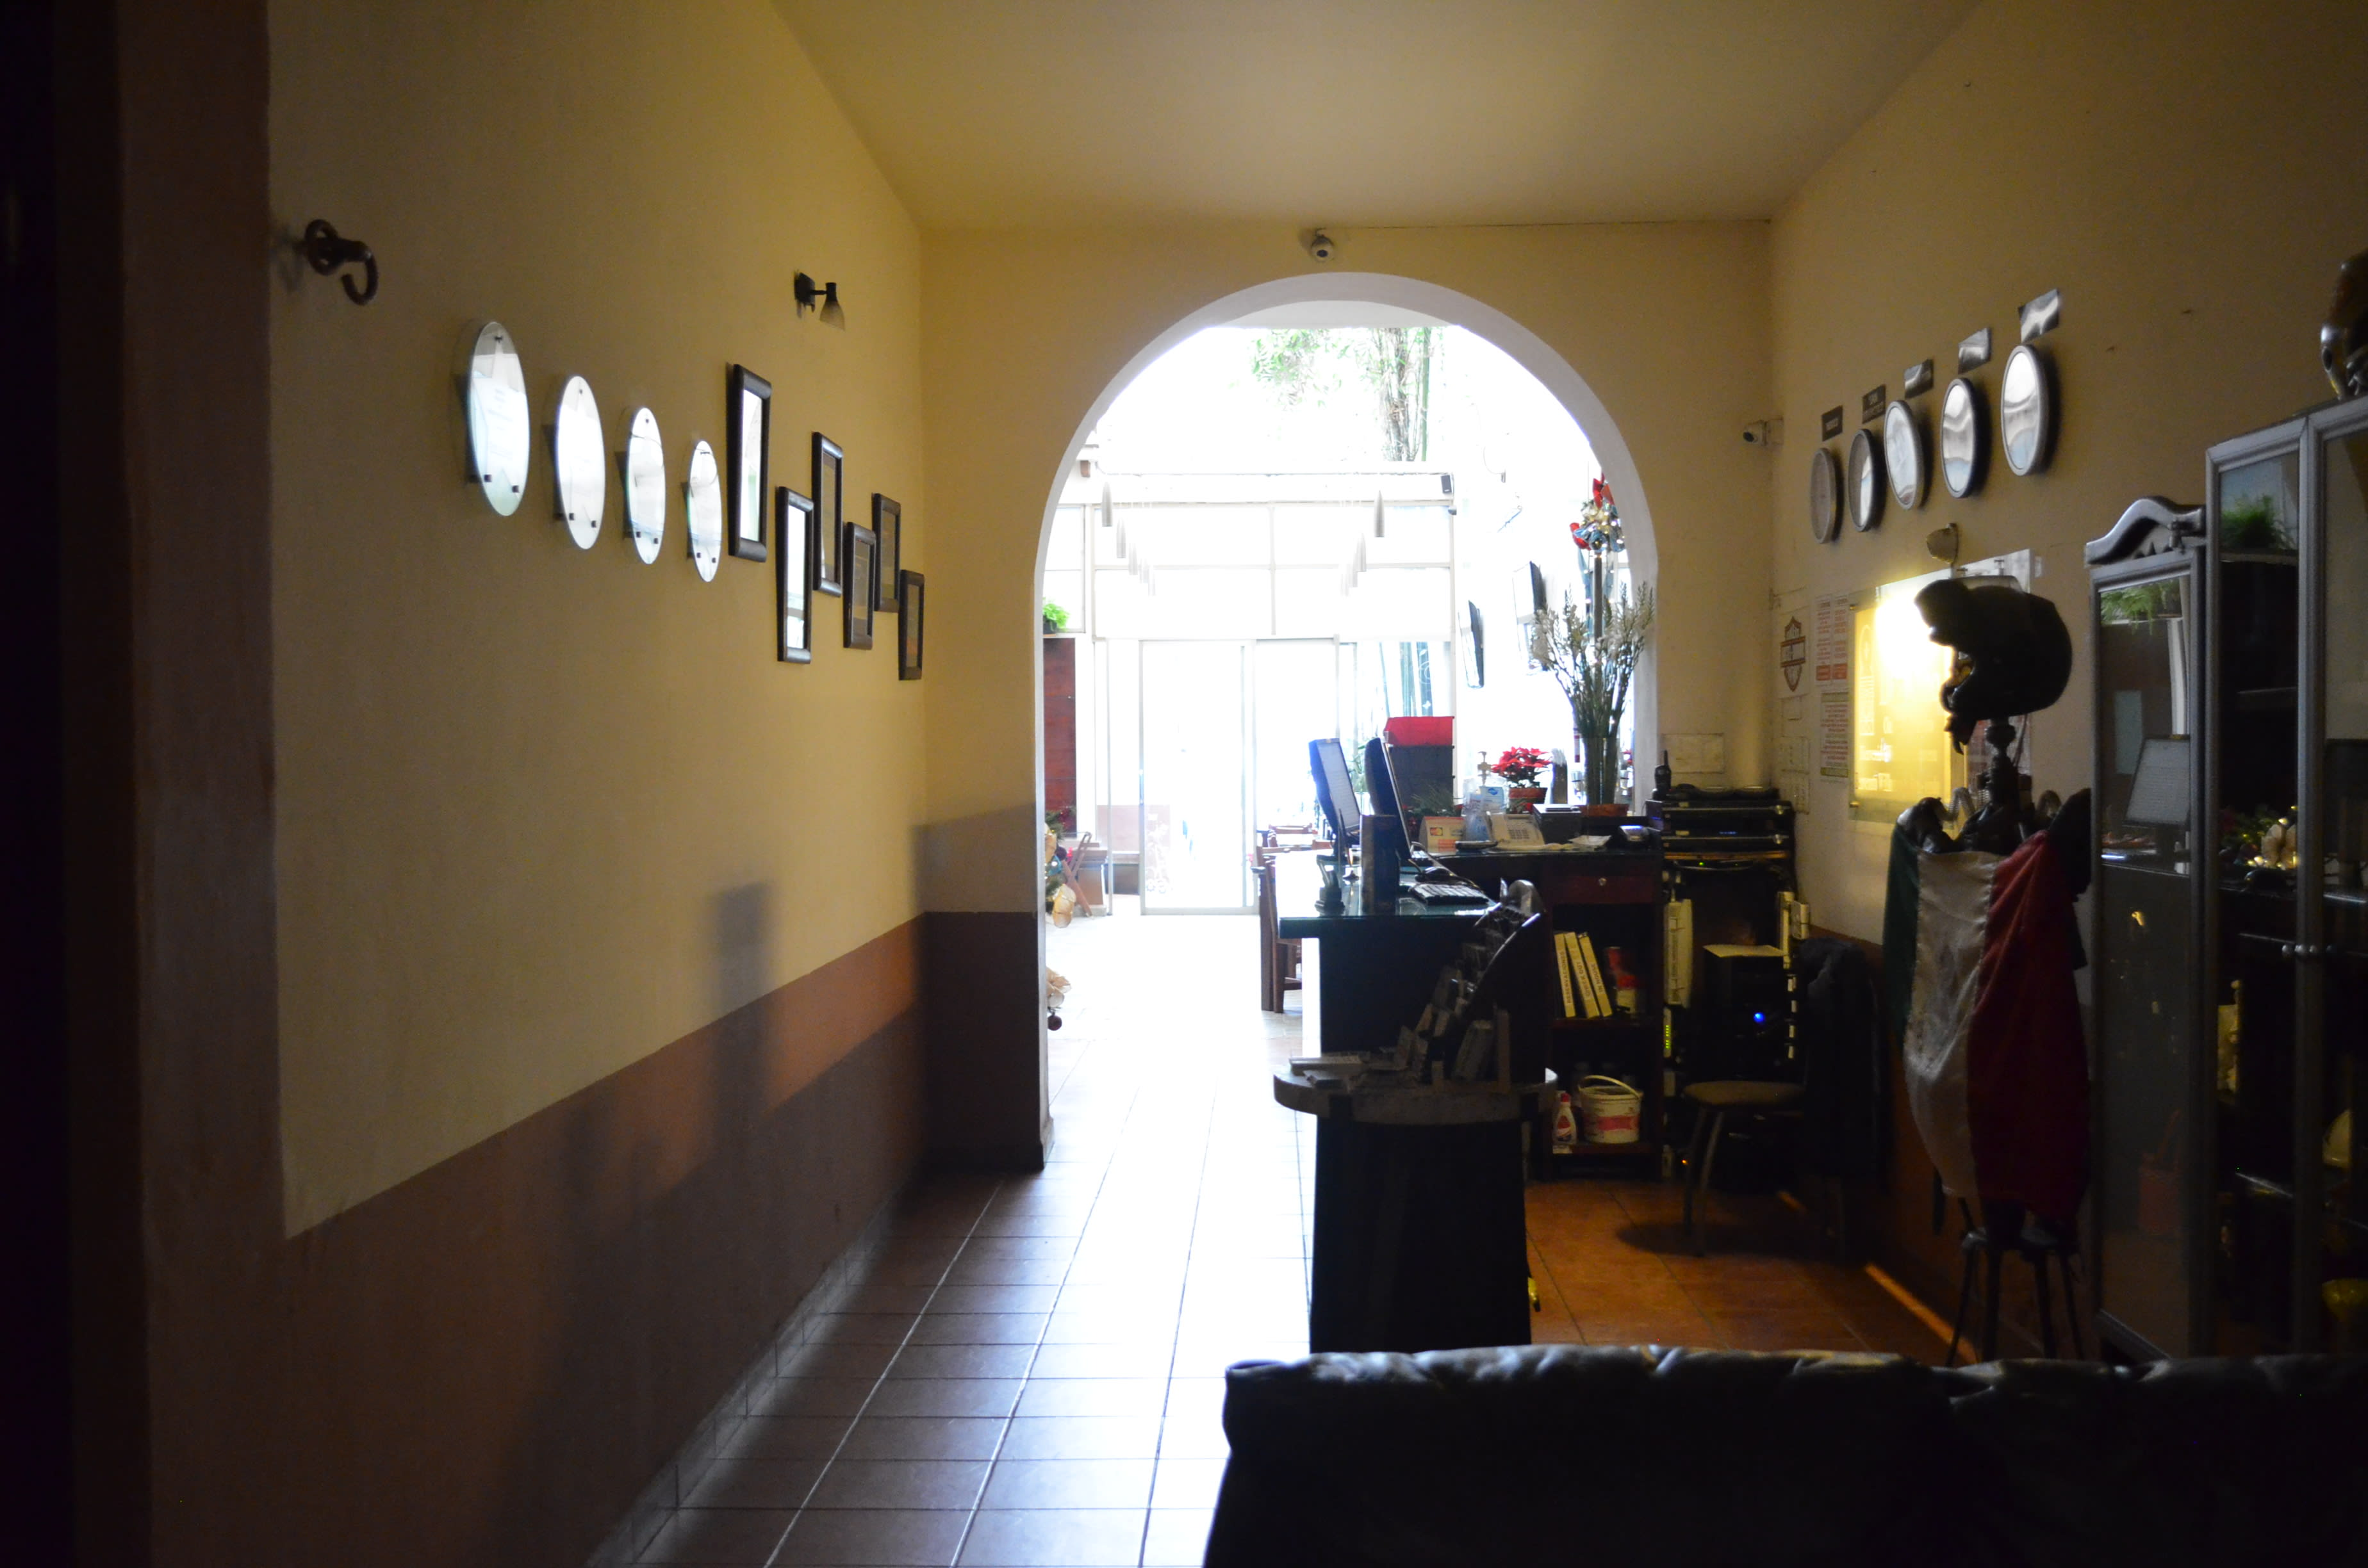 HOSTEL - Hostel Don Nino